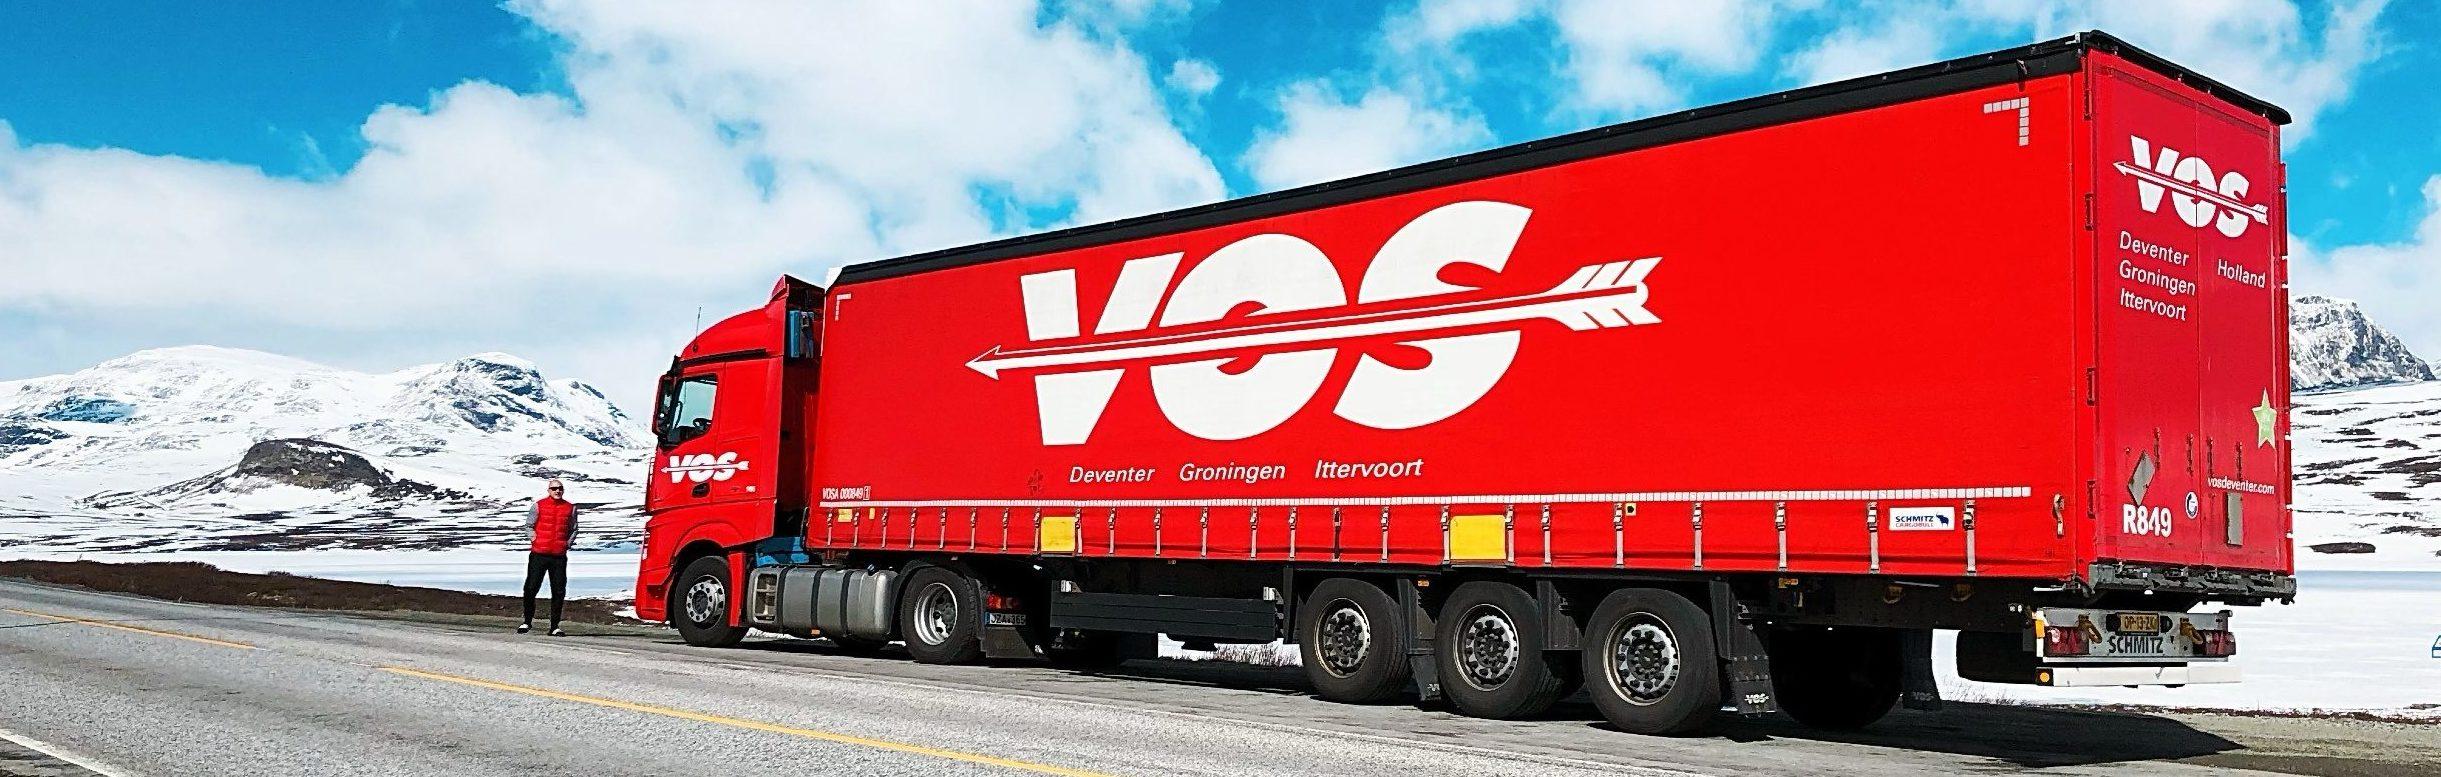 Noorwegen Vos Transport